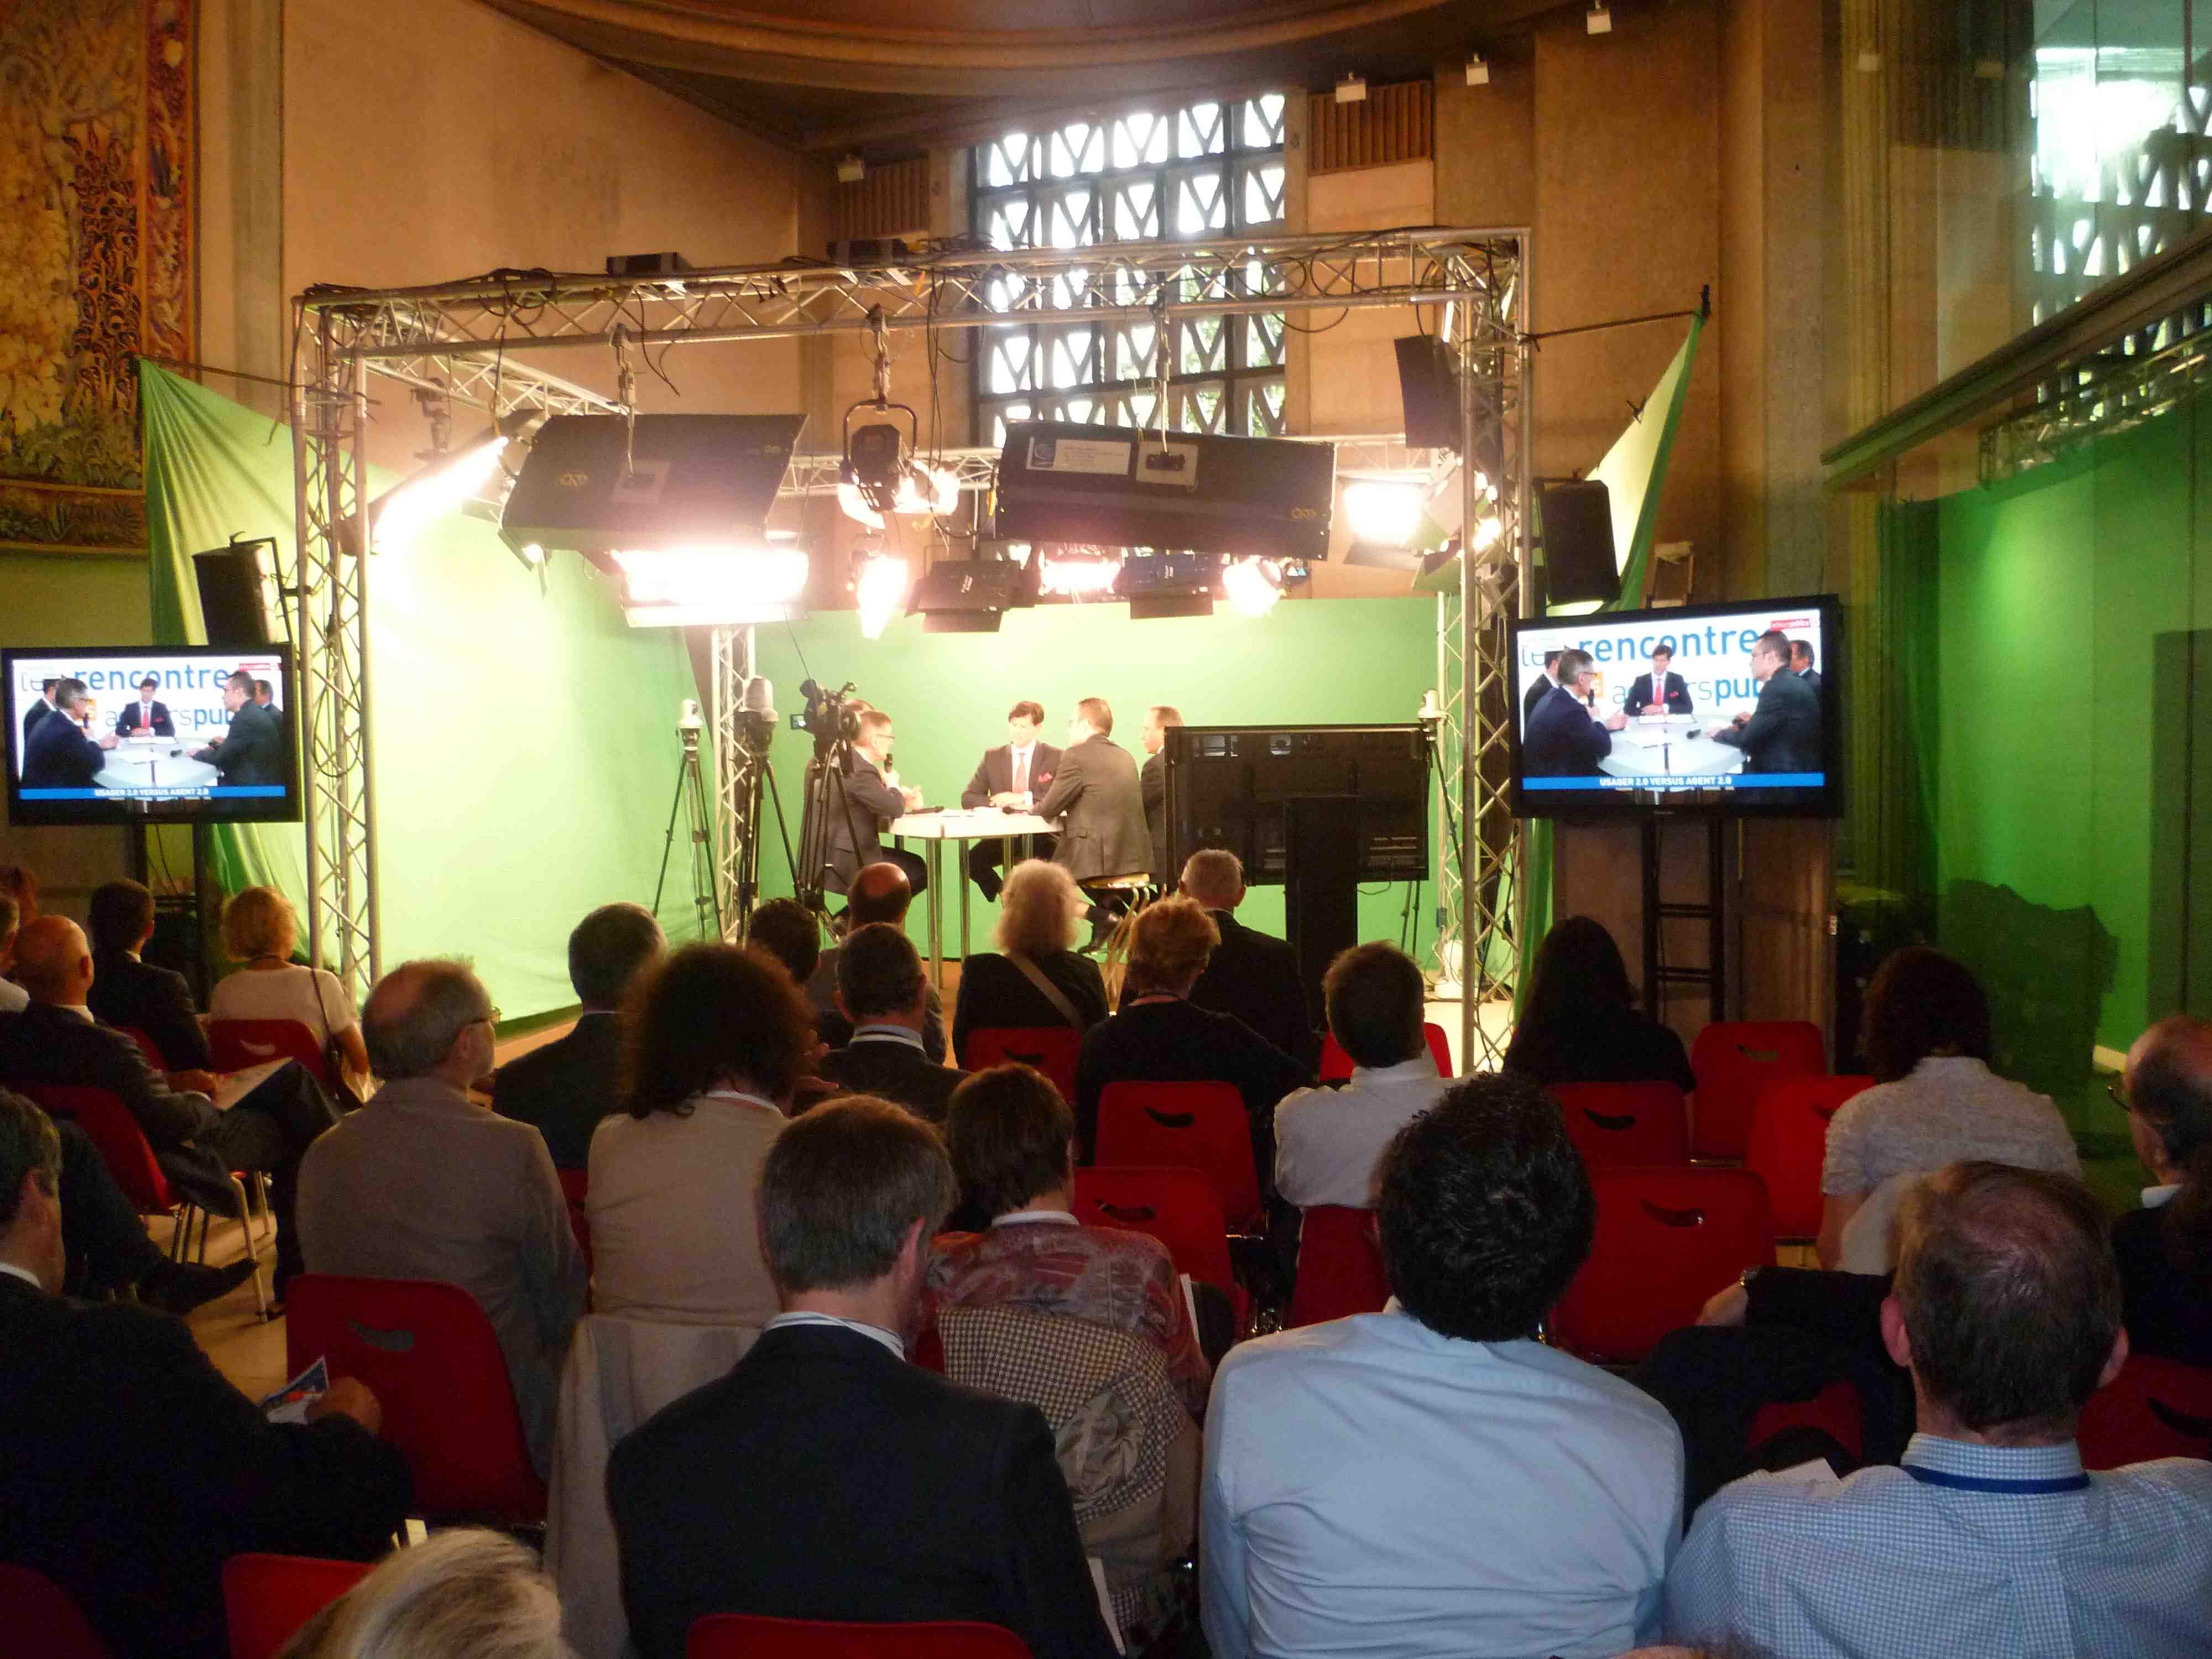 Rencontres acteurs publics 2016